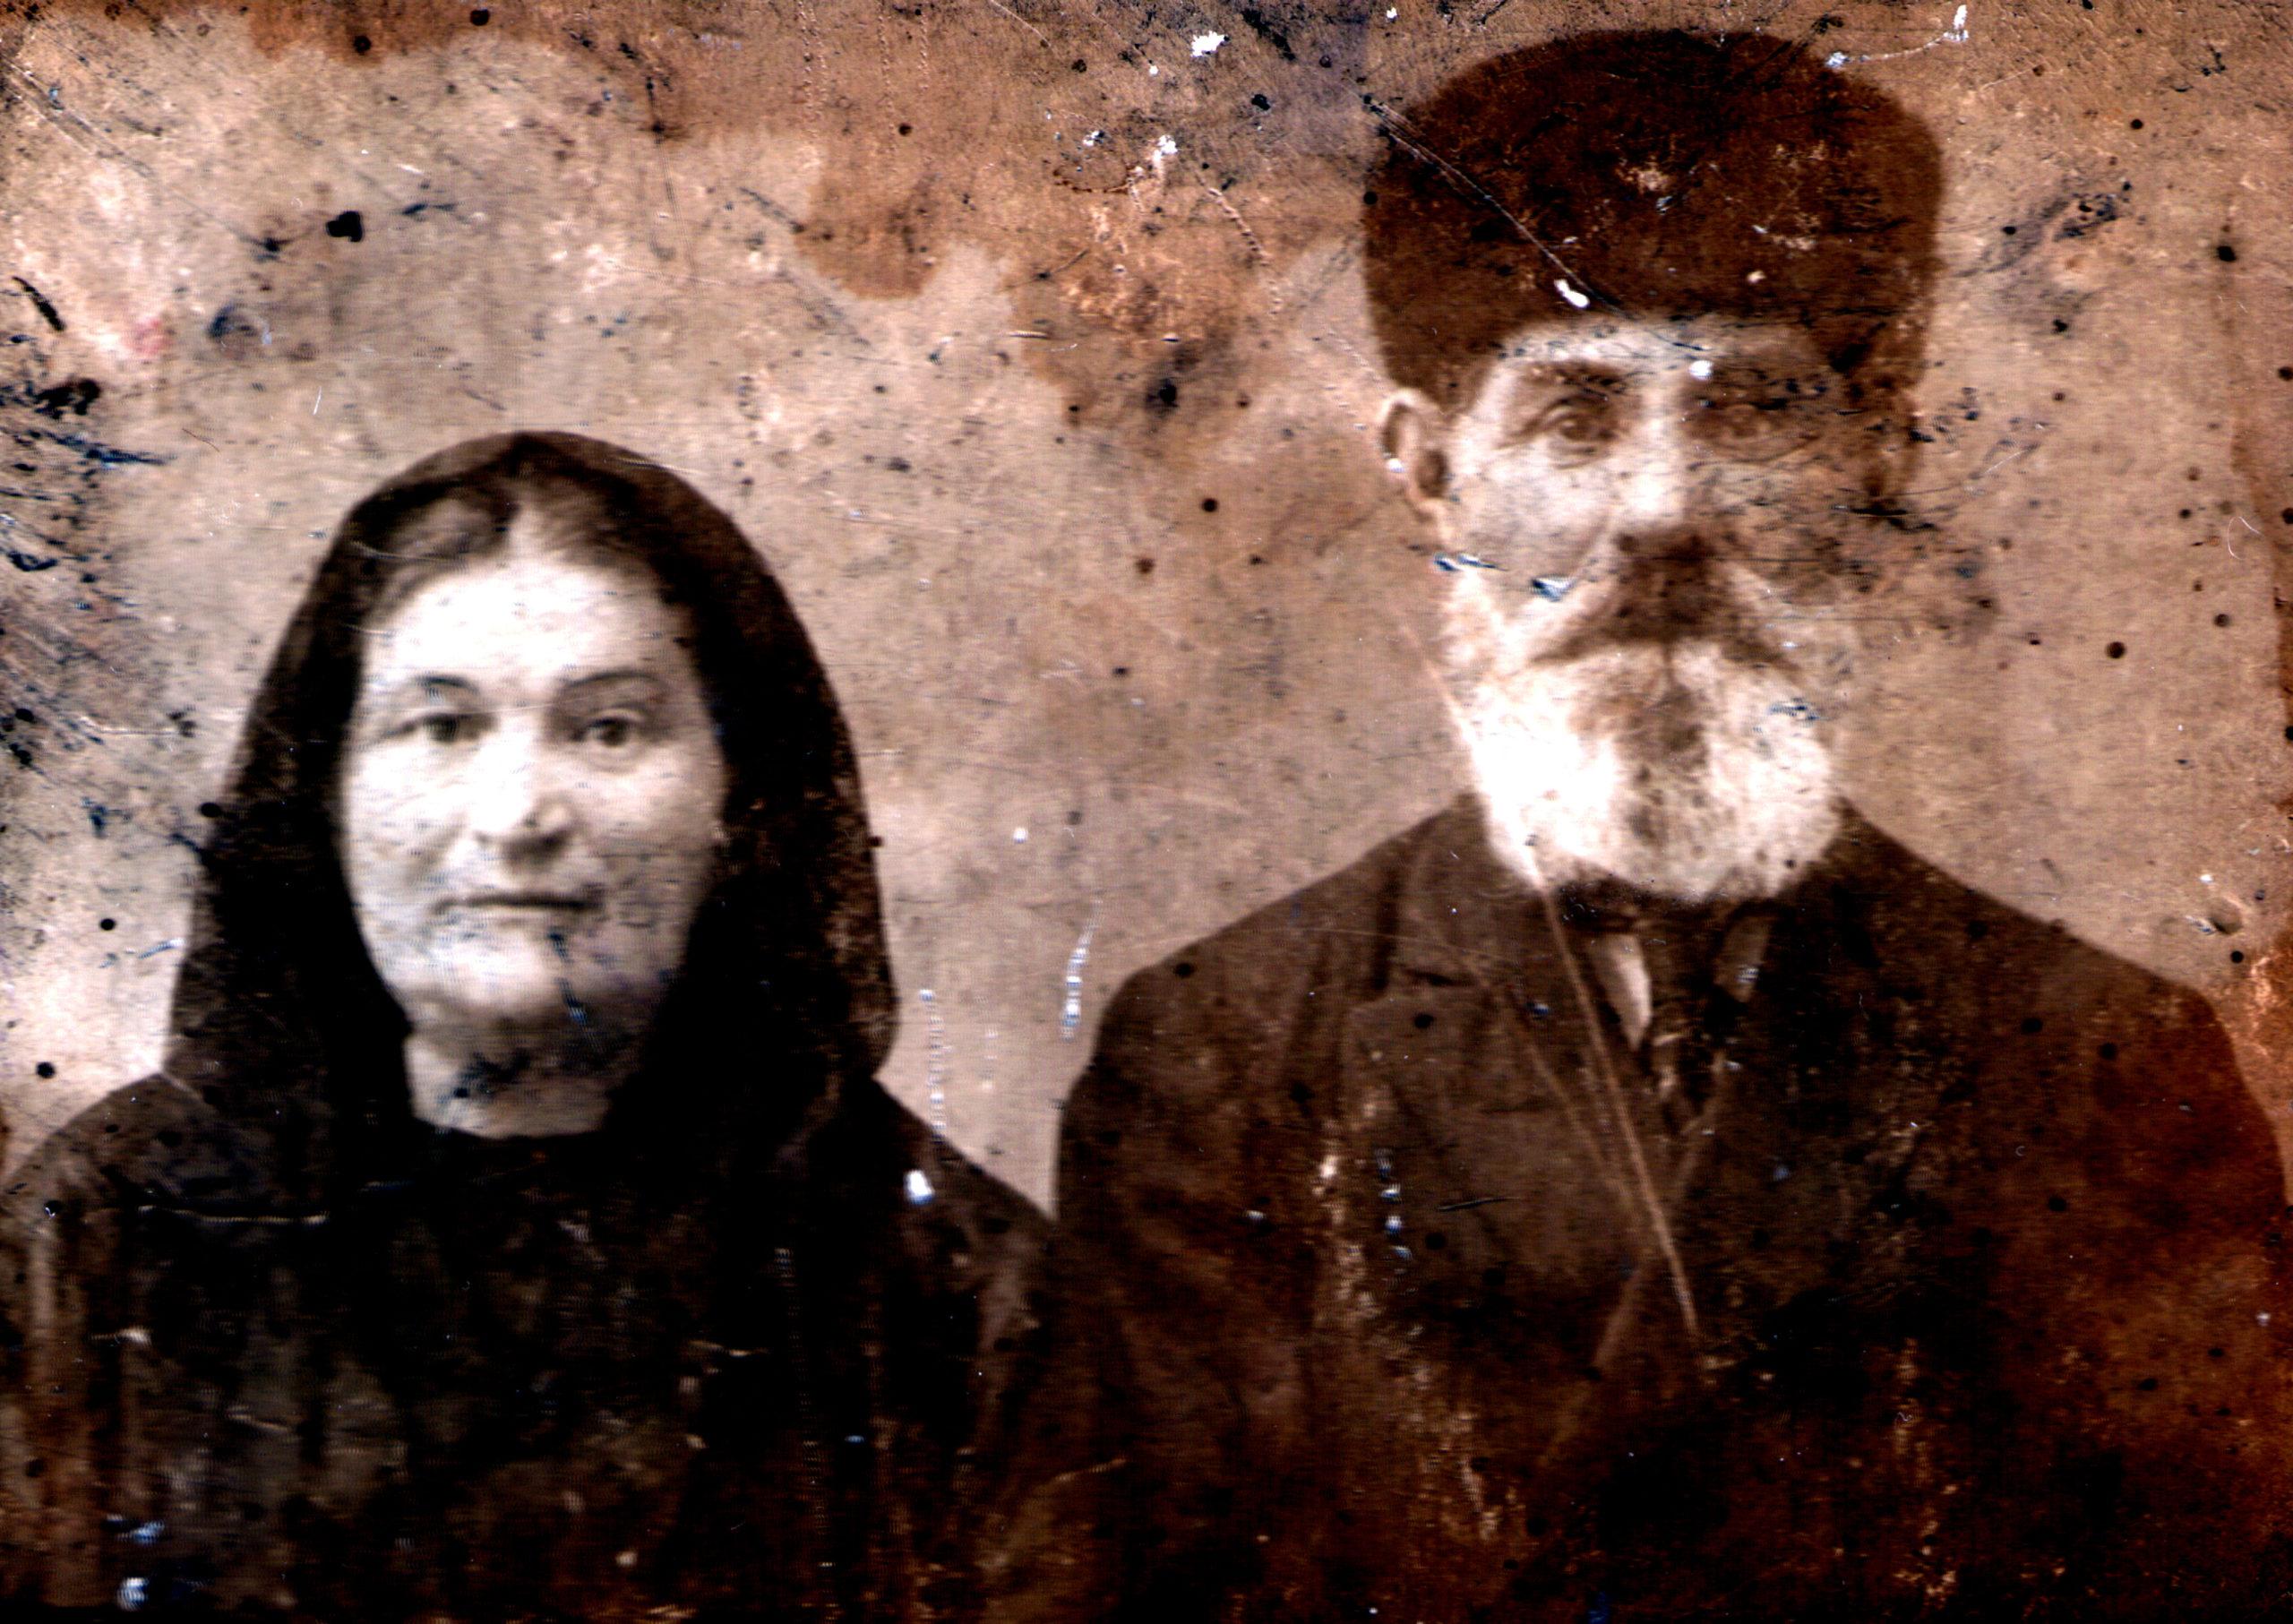 Samuel Zelbert and his wife